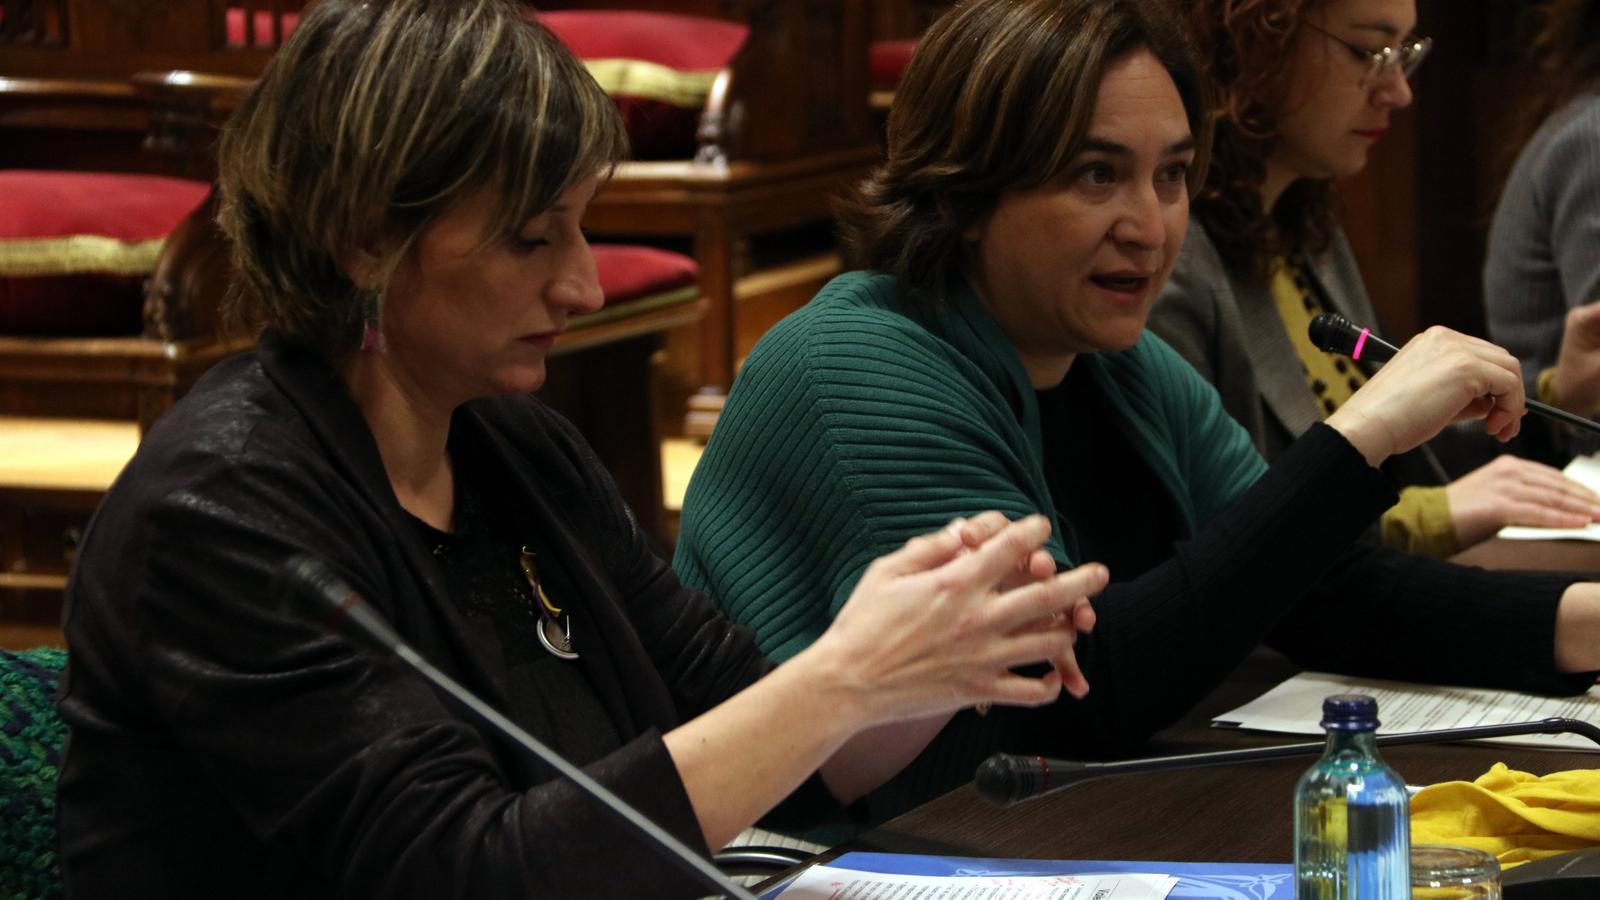 La consellera de Salut, Alba Vergés, i l'alcaldessa de Barcelona, Ada Colau, en una imatge d'arxiu.